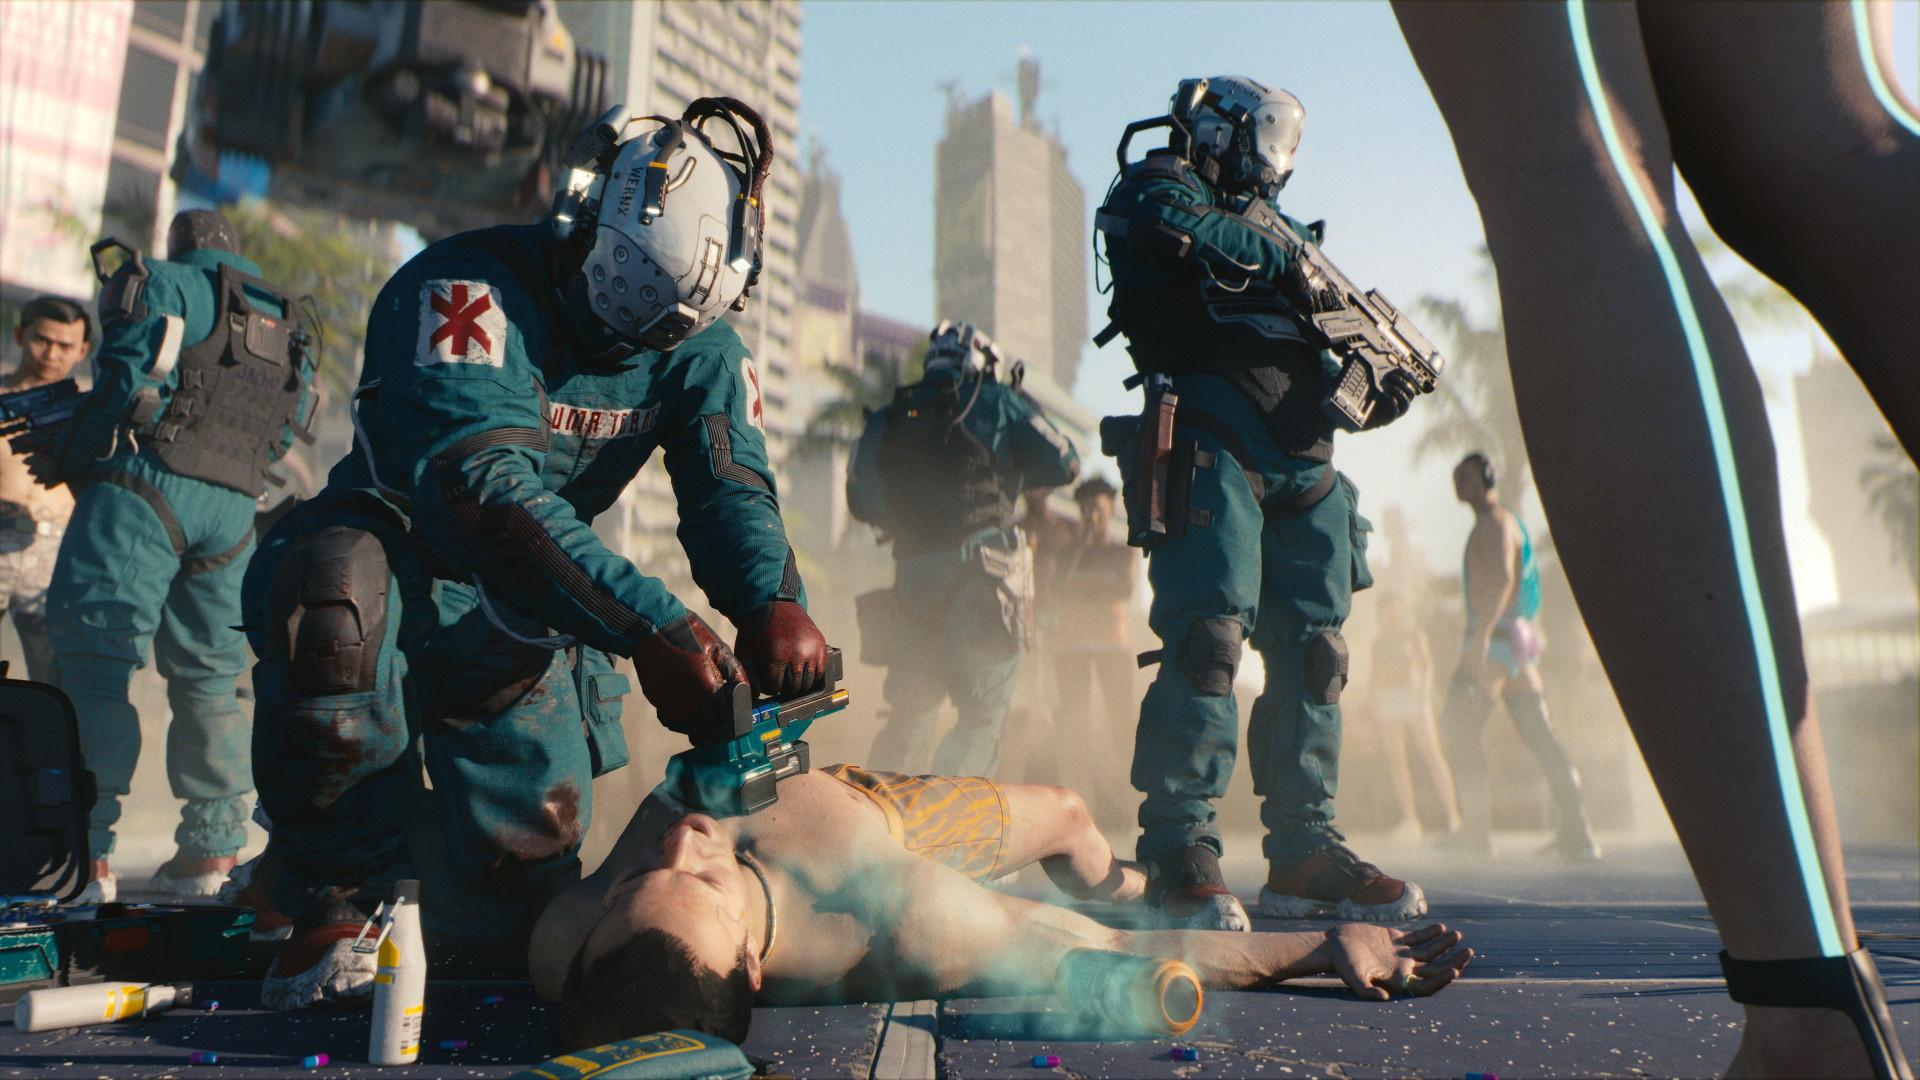 Игроки продолжают жаловаться на проблемы Cyberpunk 2077 после патча1.2